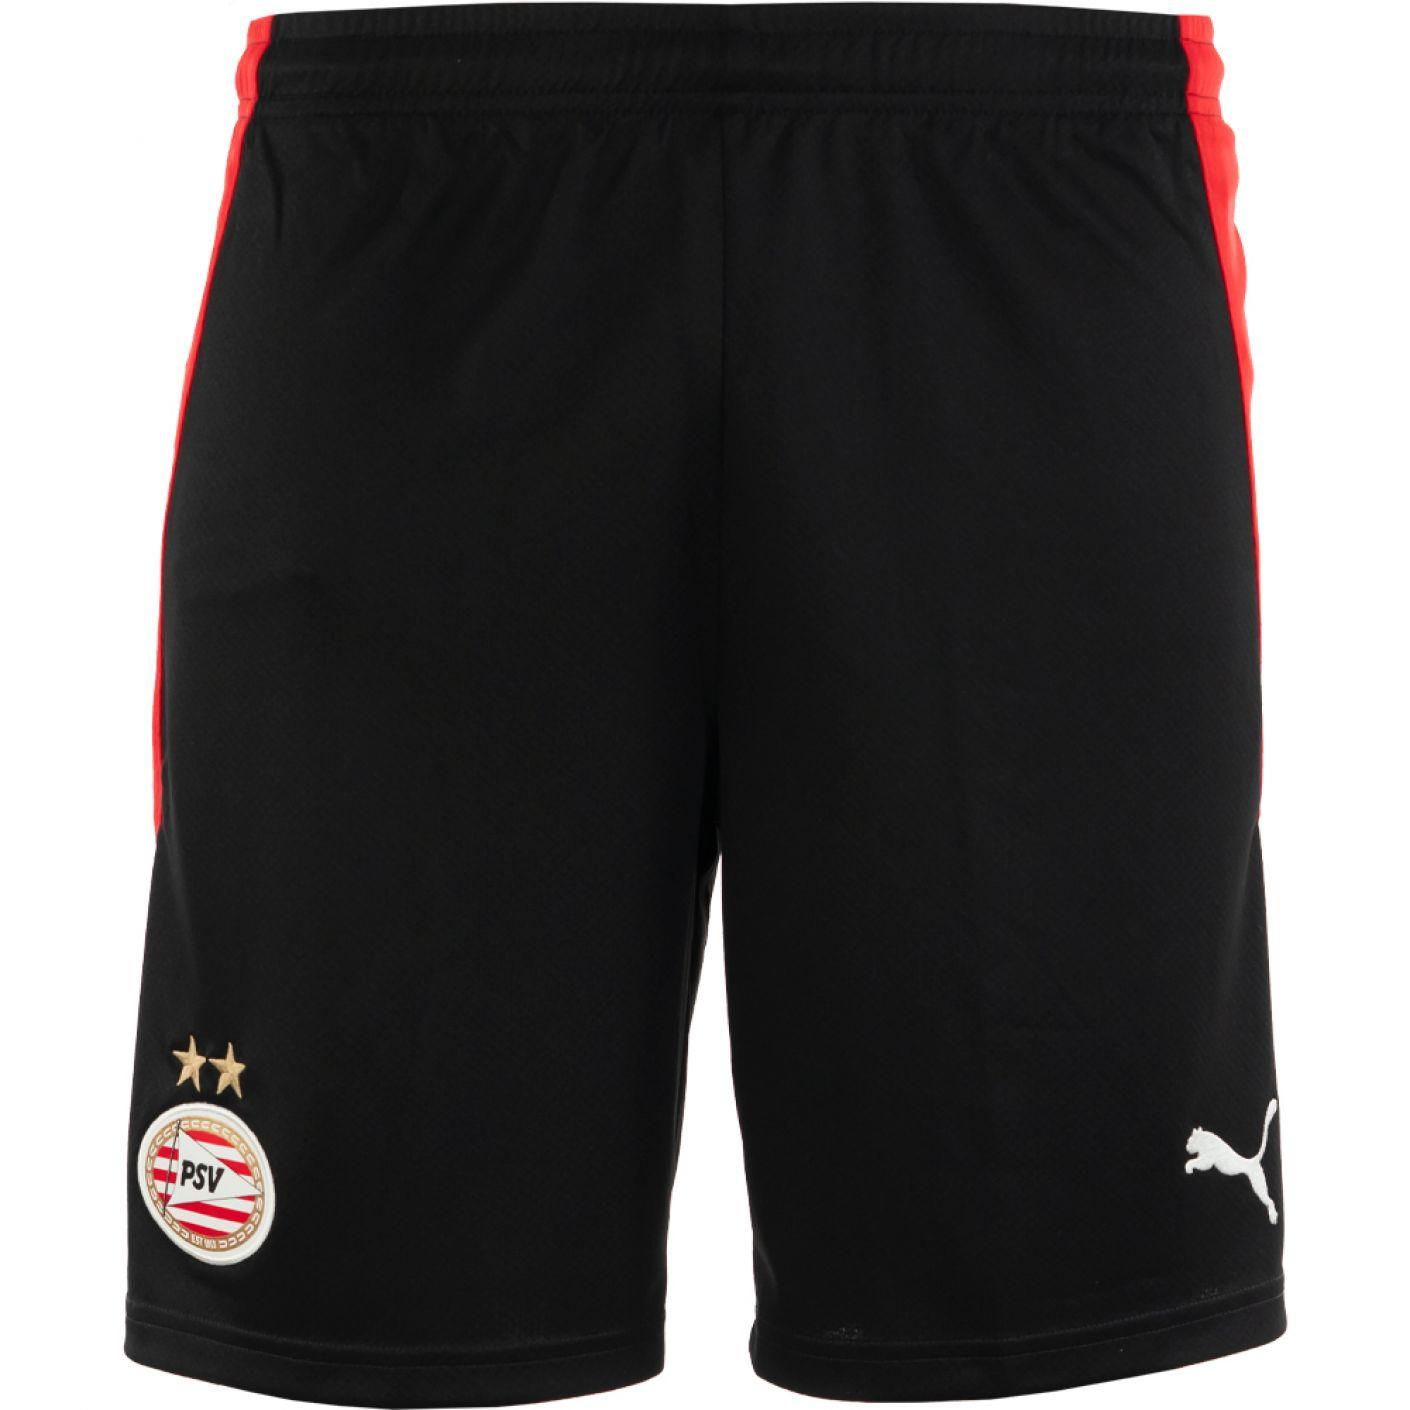 PSV Thuis/Derde short JR 20/21